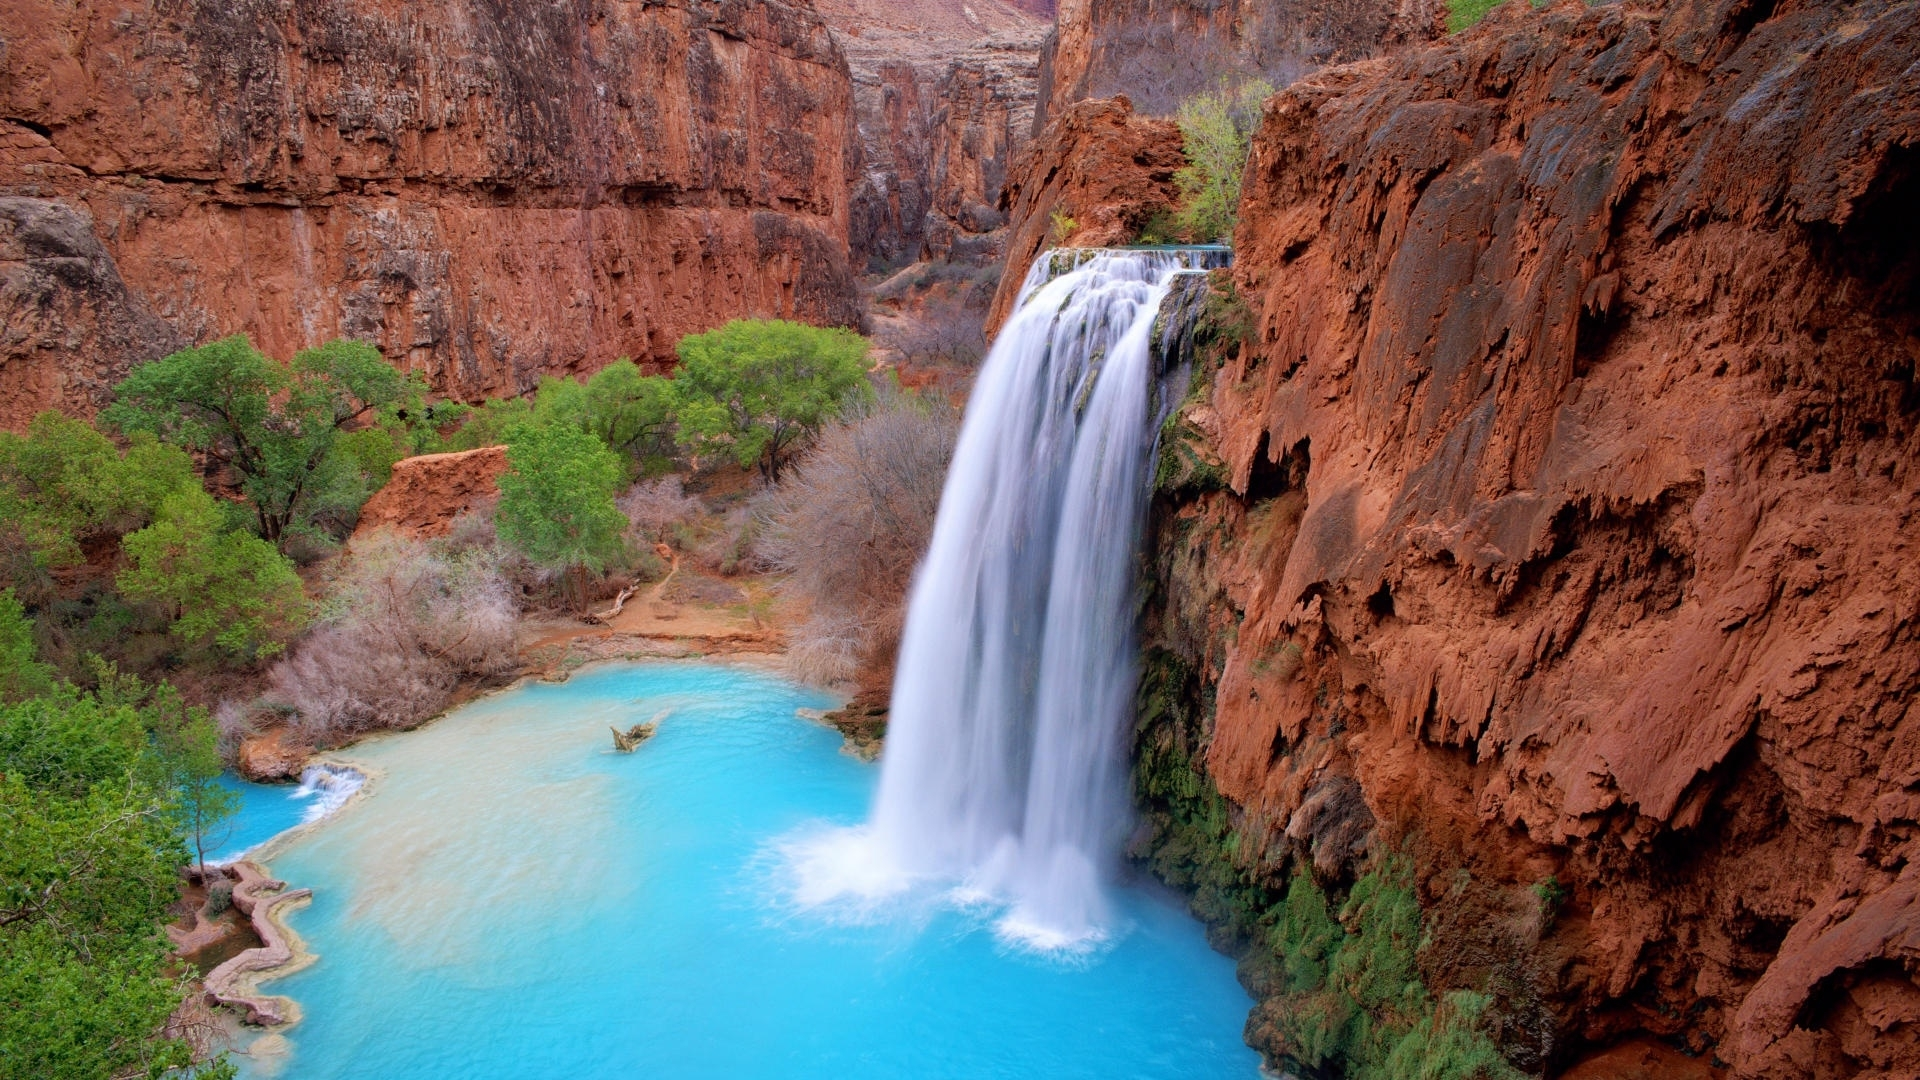 27961 скачать обои Пейзаж, Река, Горы, Водопады - заставки и картинки бесплатно